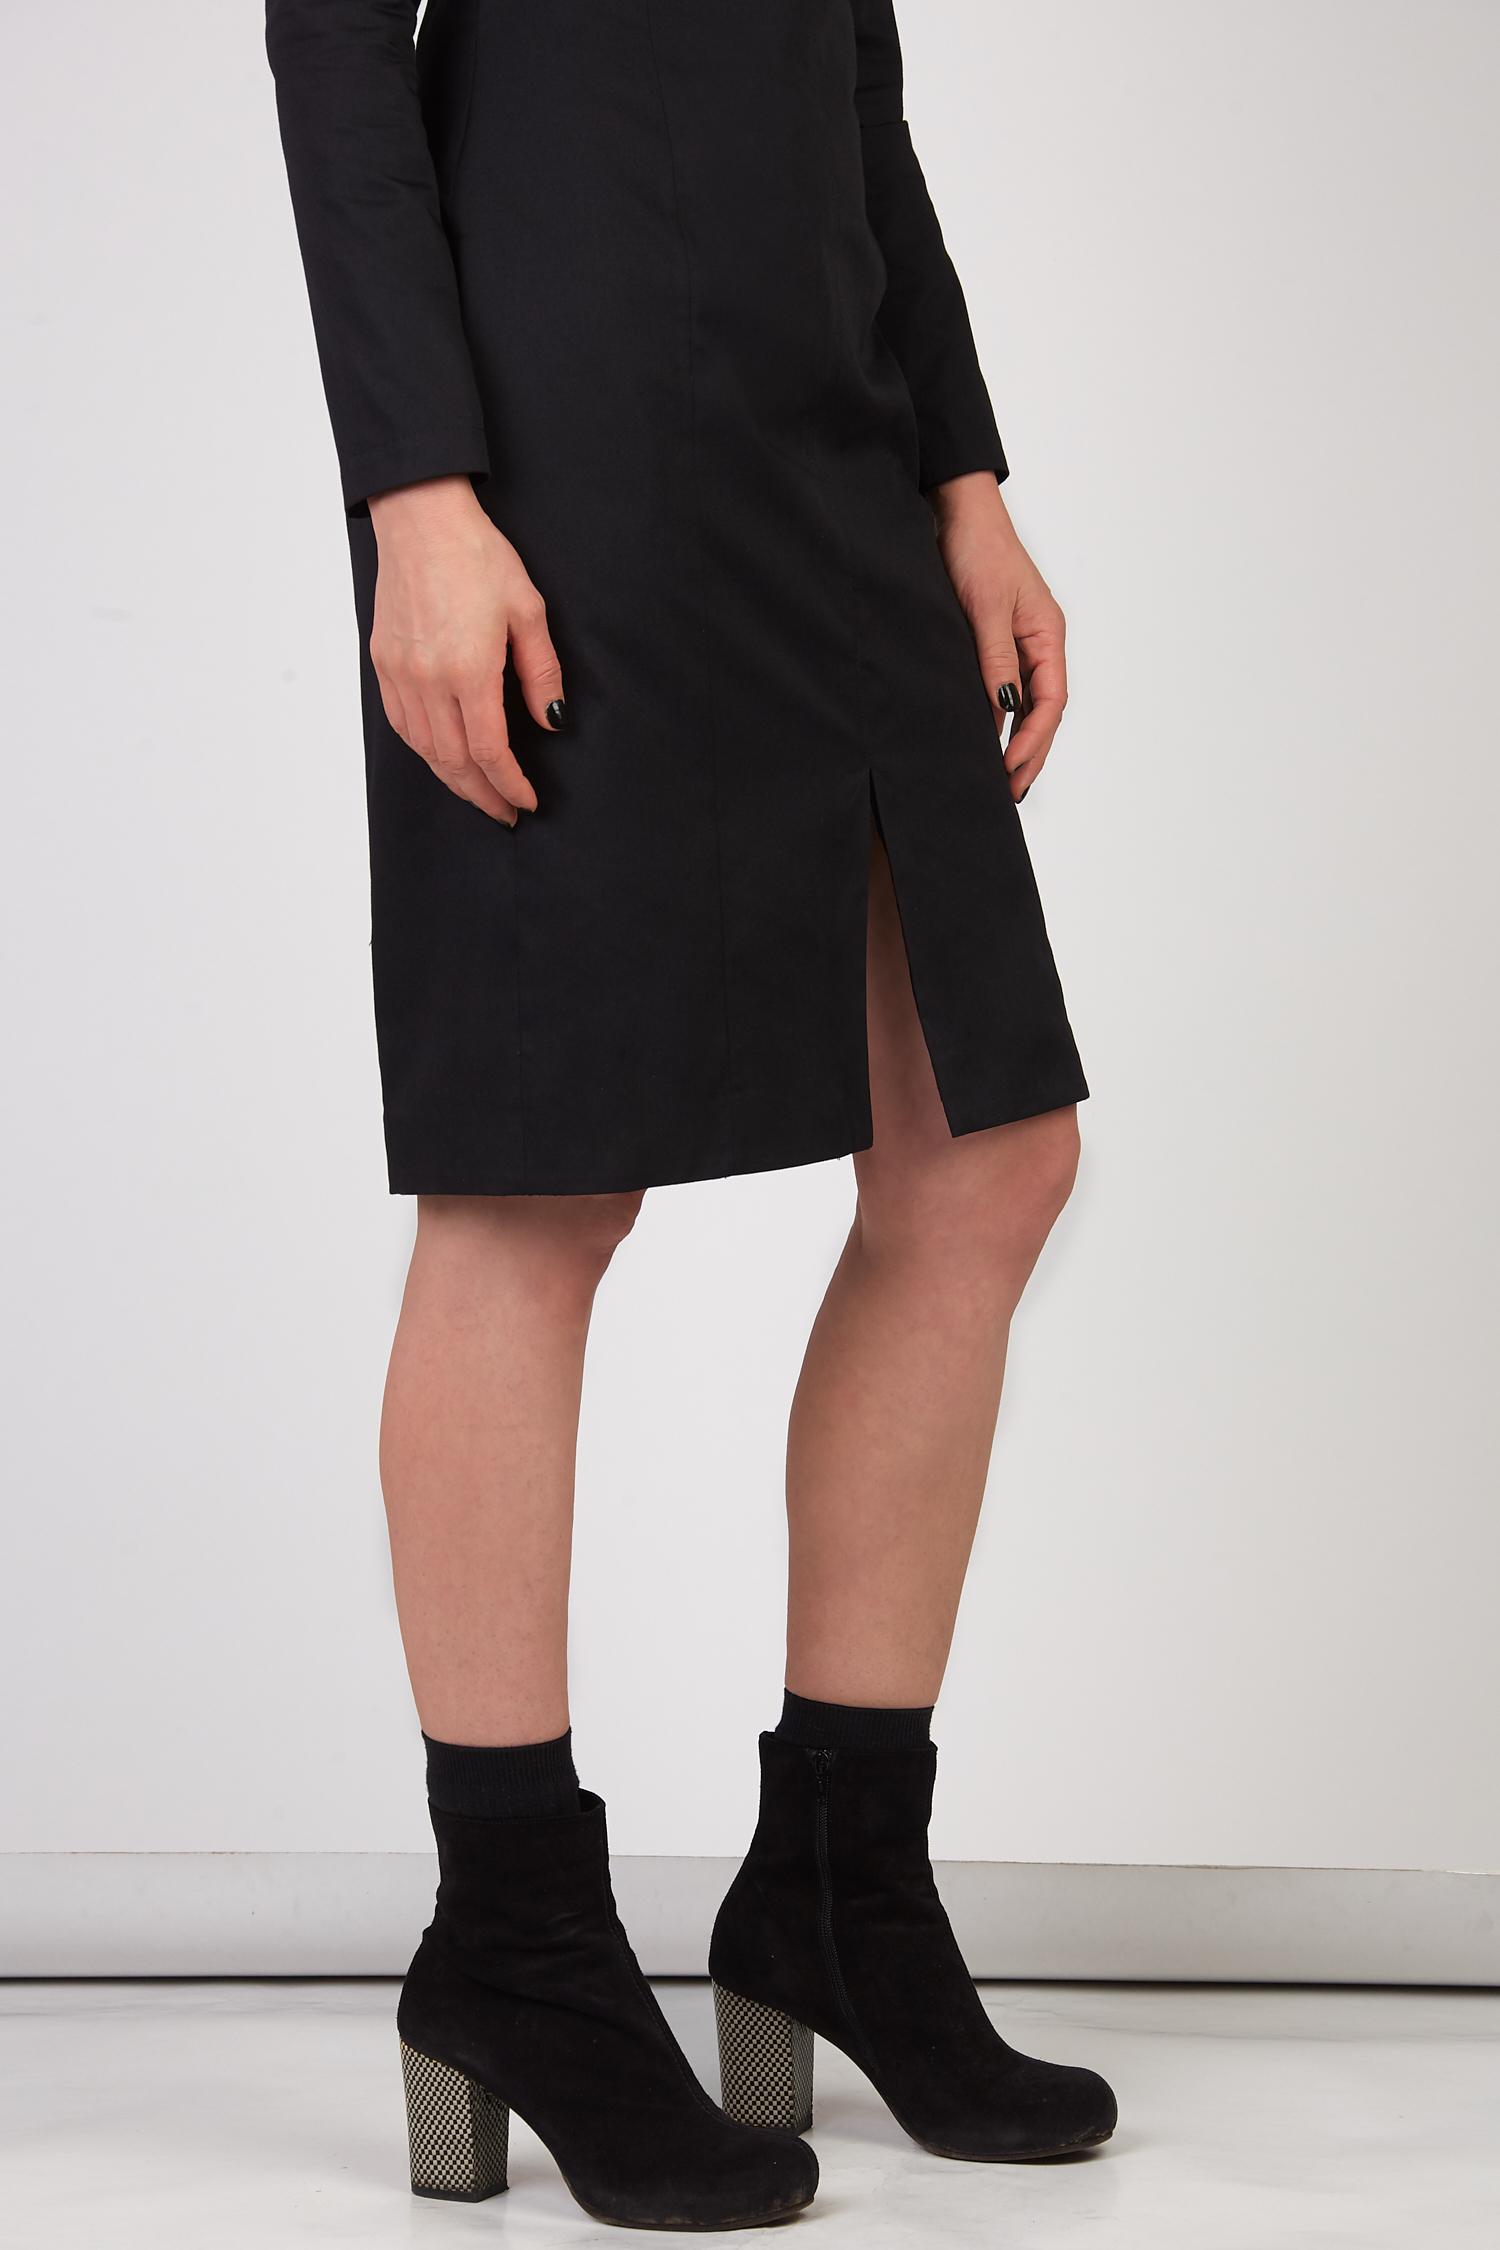 Lutterloh dress